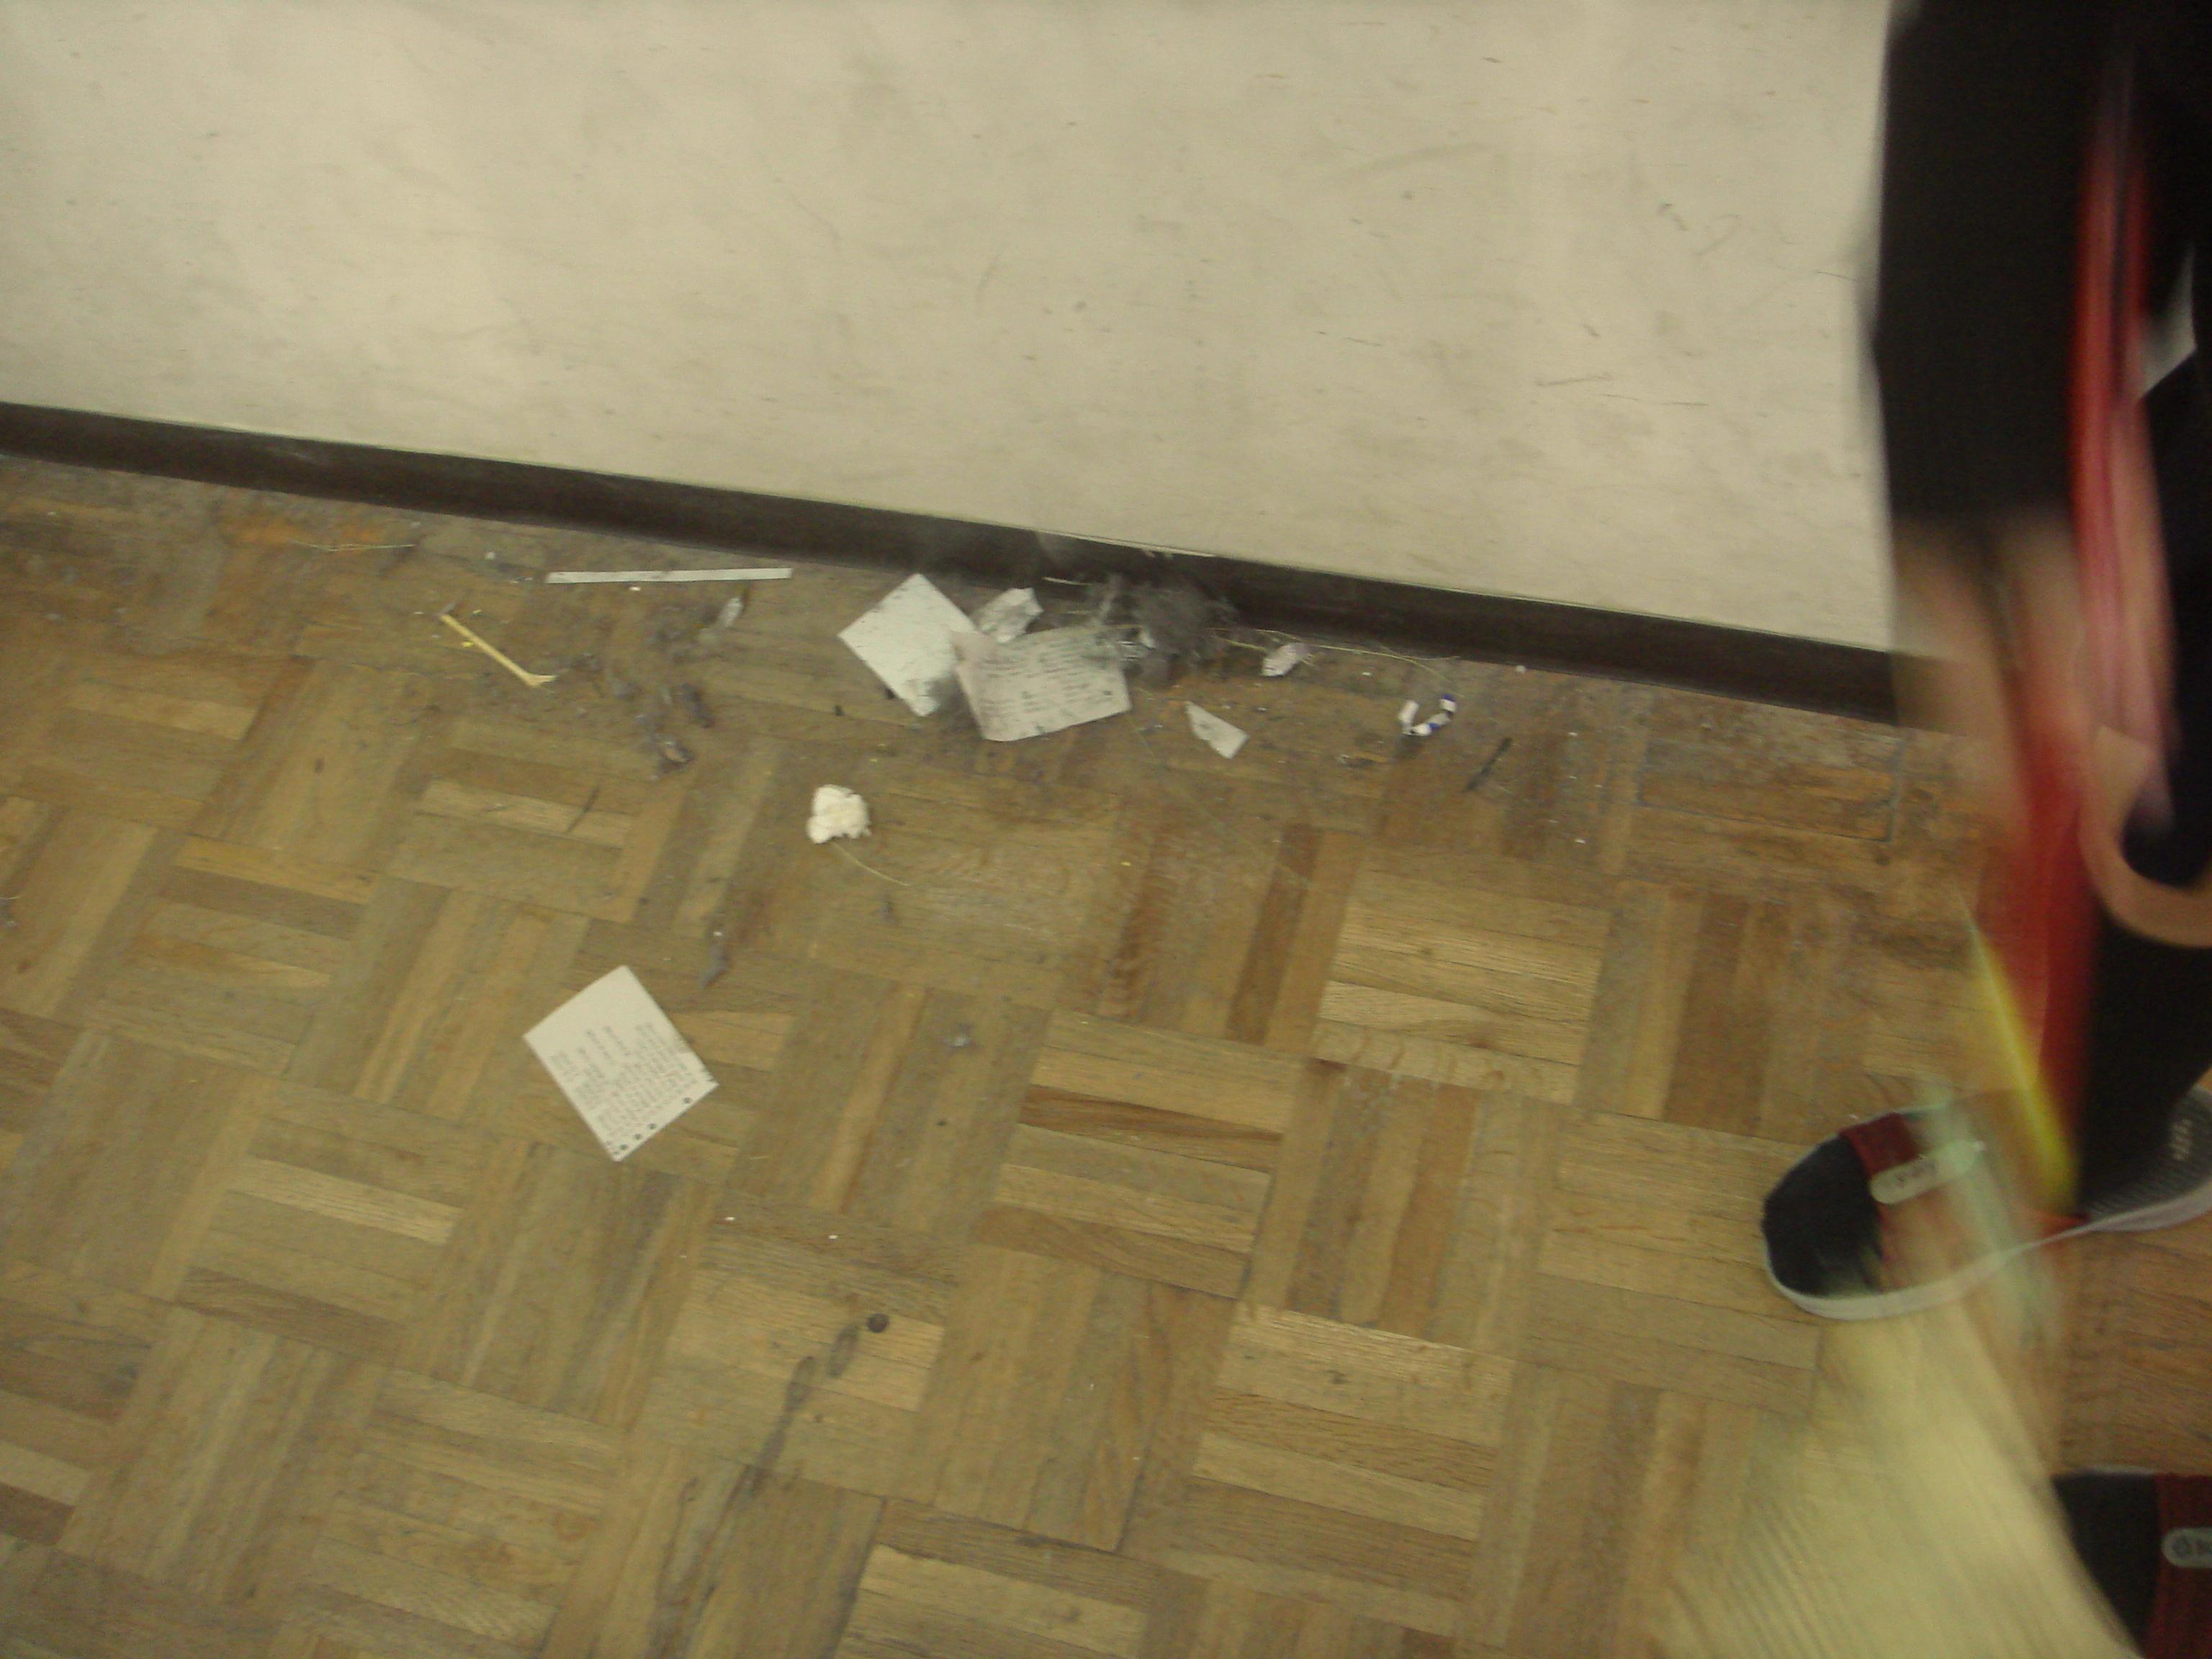 qualche foglio caduto durante lo spostamento dei banchi, polvere e niente più!